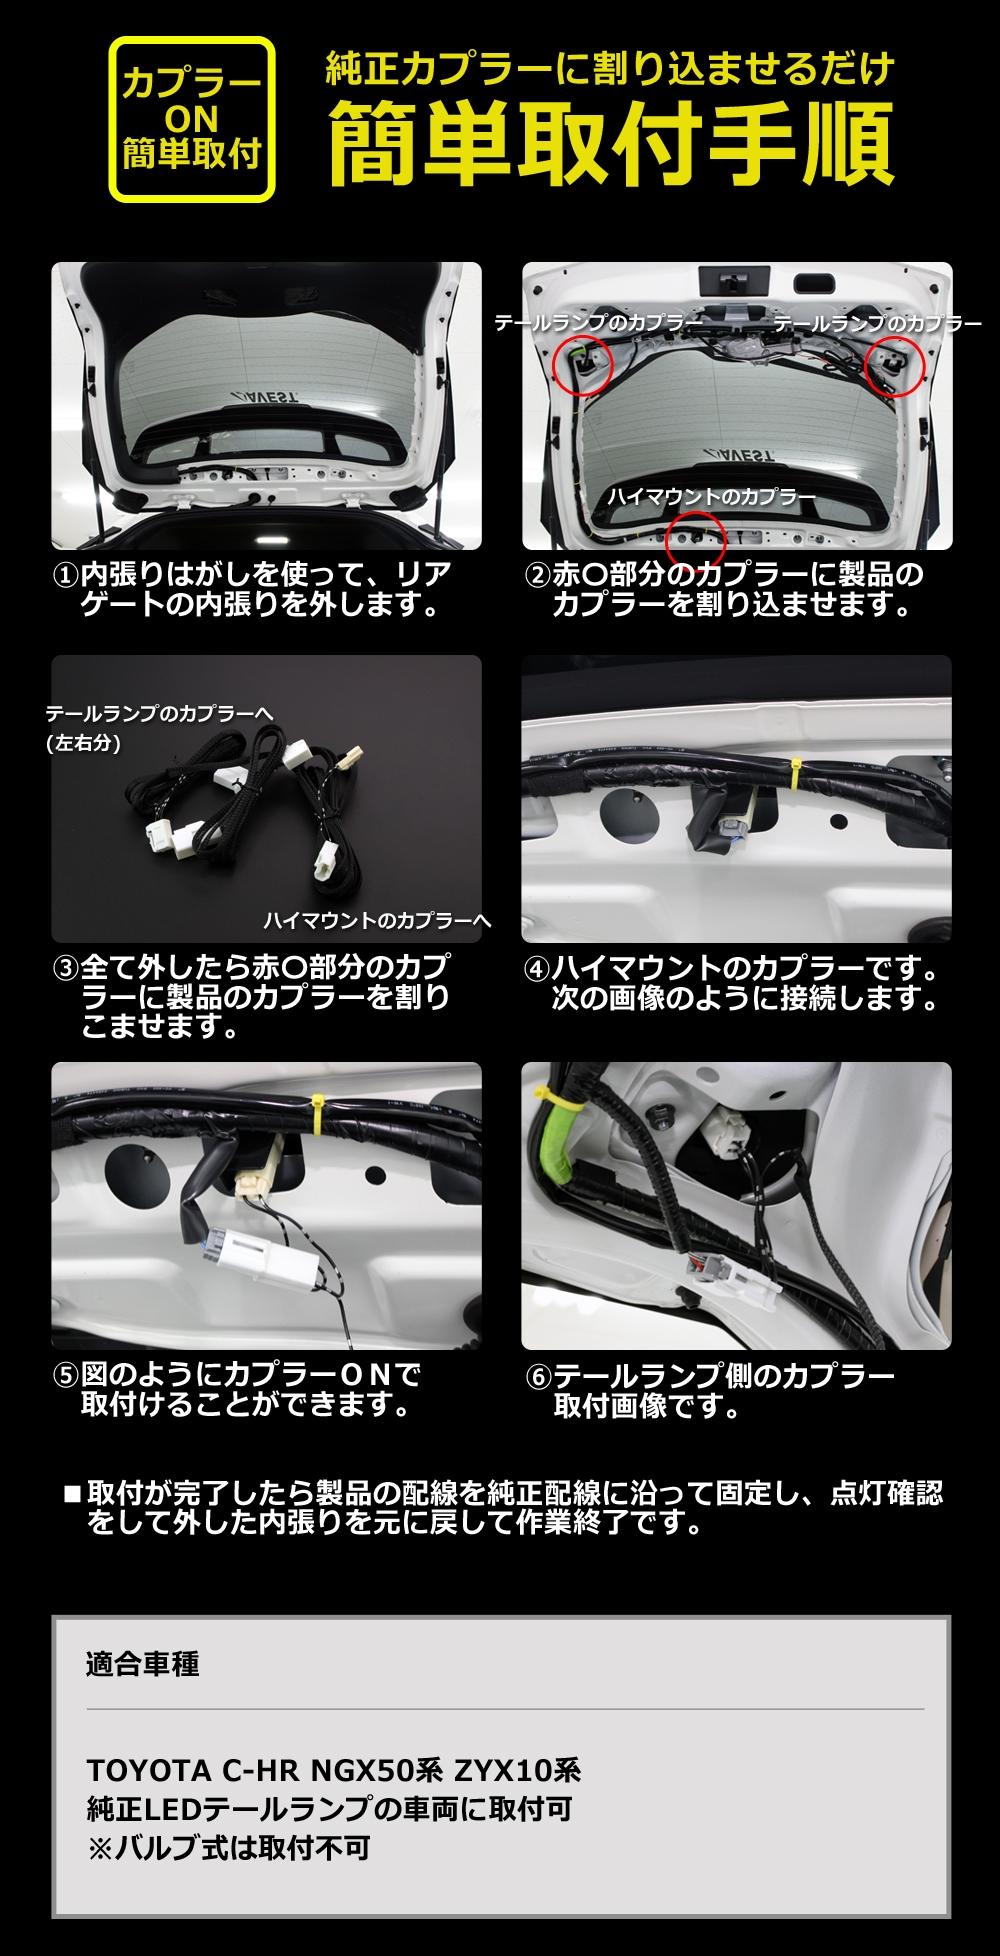 C-HR/ブレーキ全灯化キット/4灯化/LED/NGX50/ZYX10/トヨタ/CHR/CH-R/TOYOTA/電装/外装/パーツ/テール/スモール/リア/ライト/ランプ/カスタム/ドレスアップ